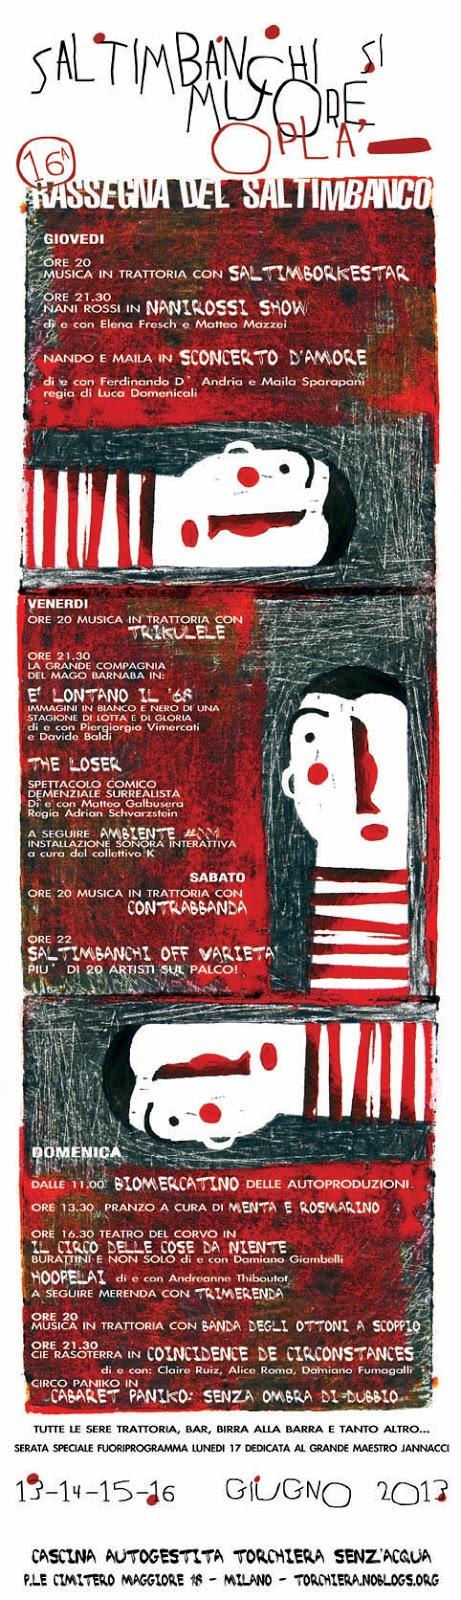 Cascina Torchiera rassegna del Saltimbanco fino a lunedì 17 giugno 2013